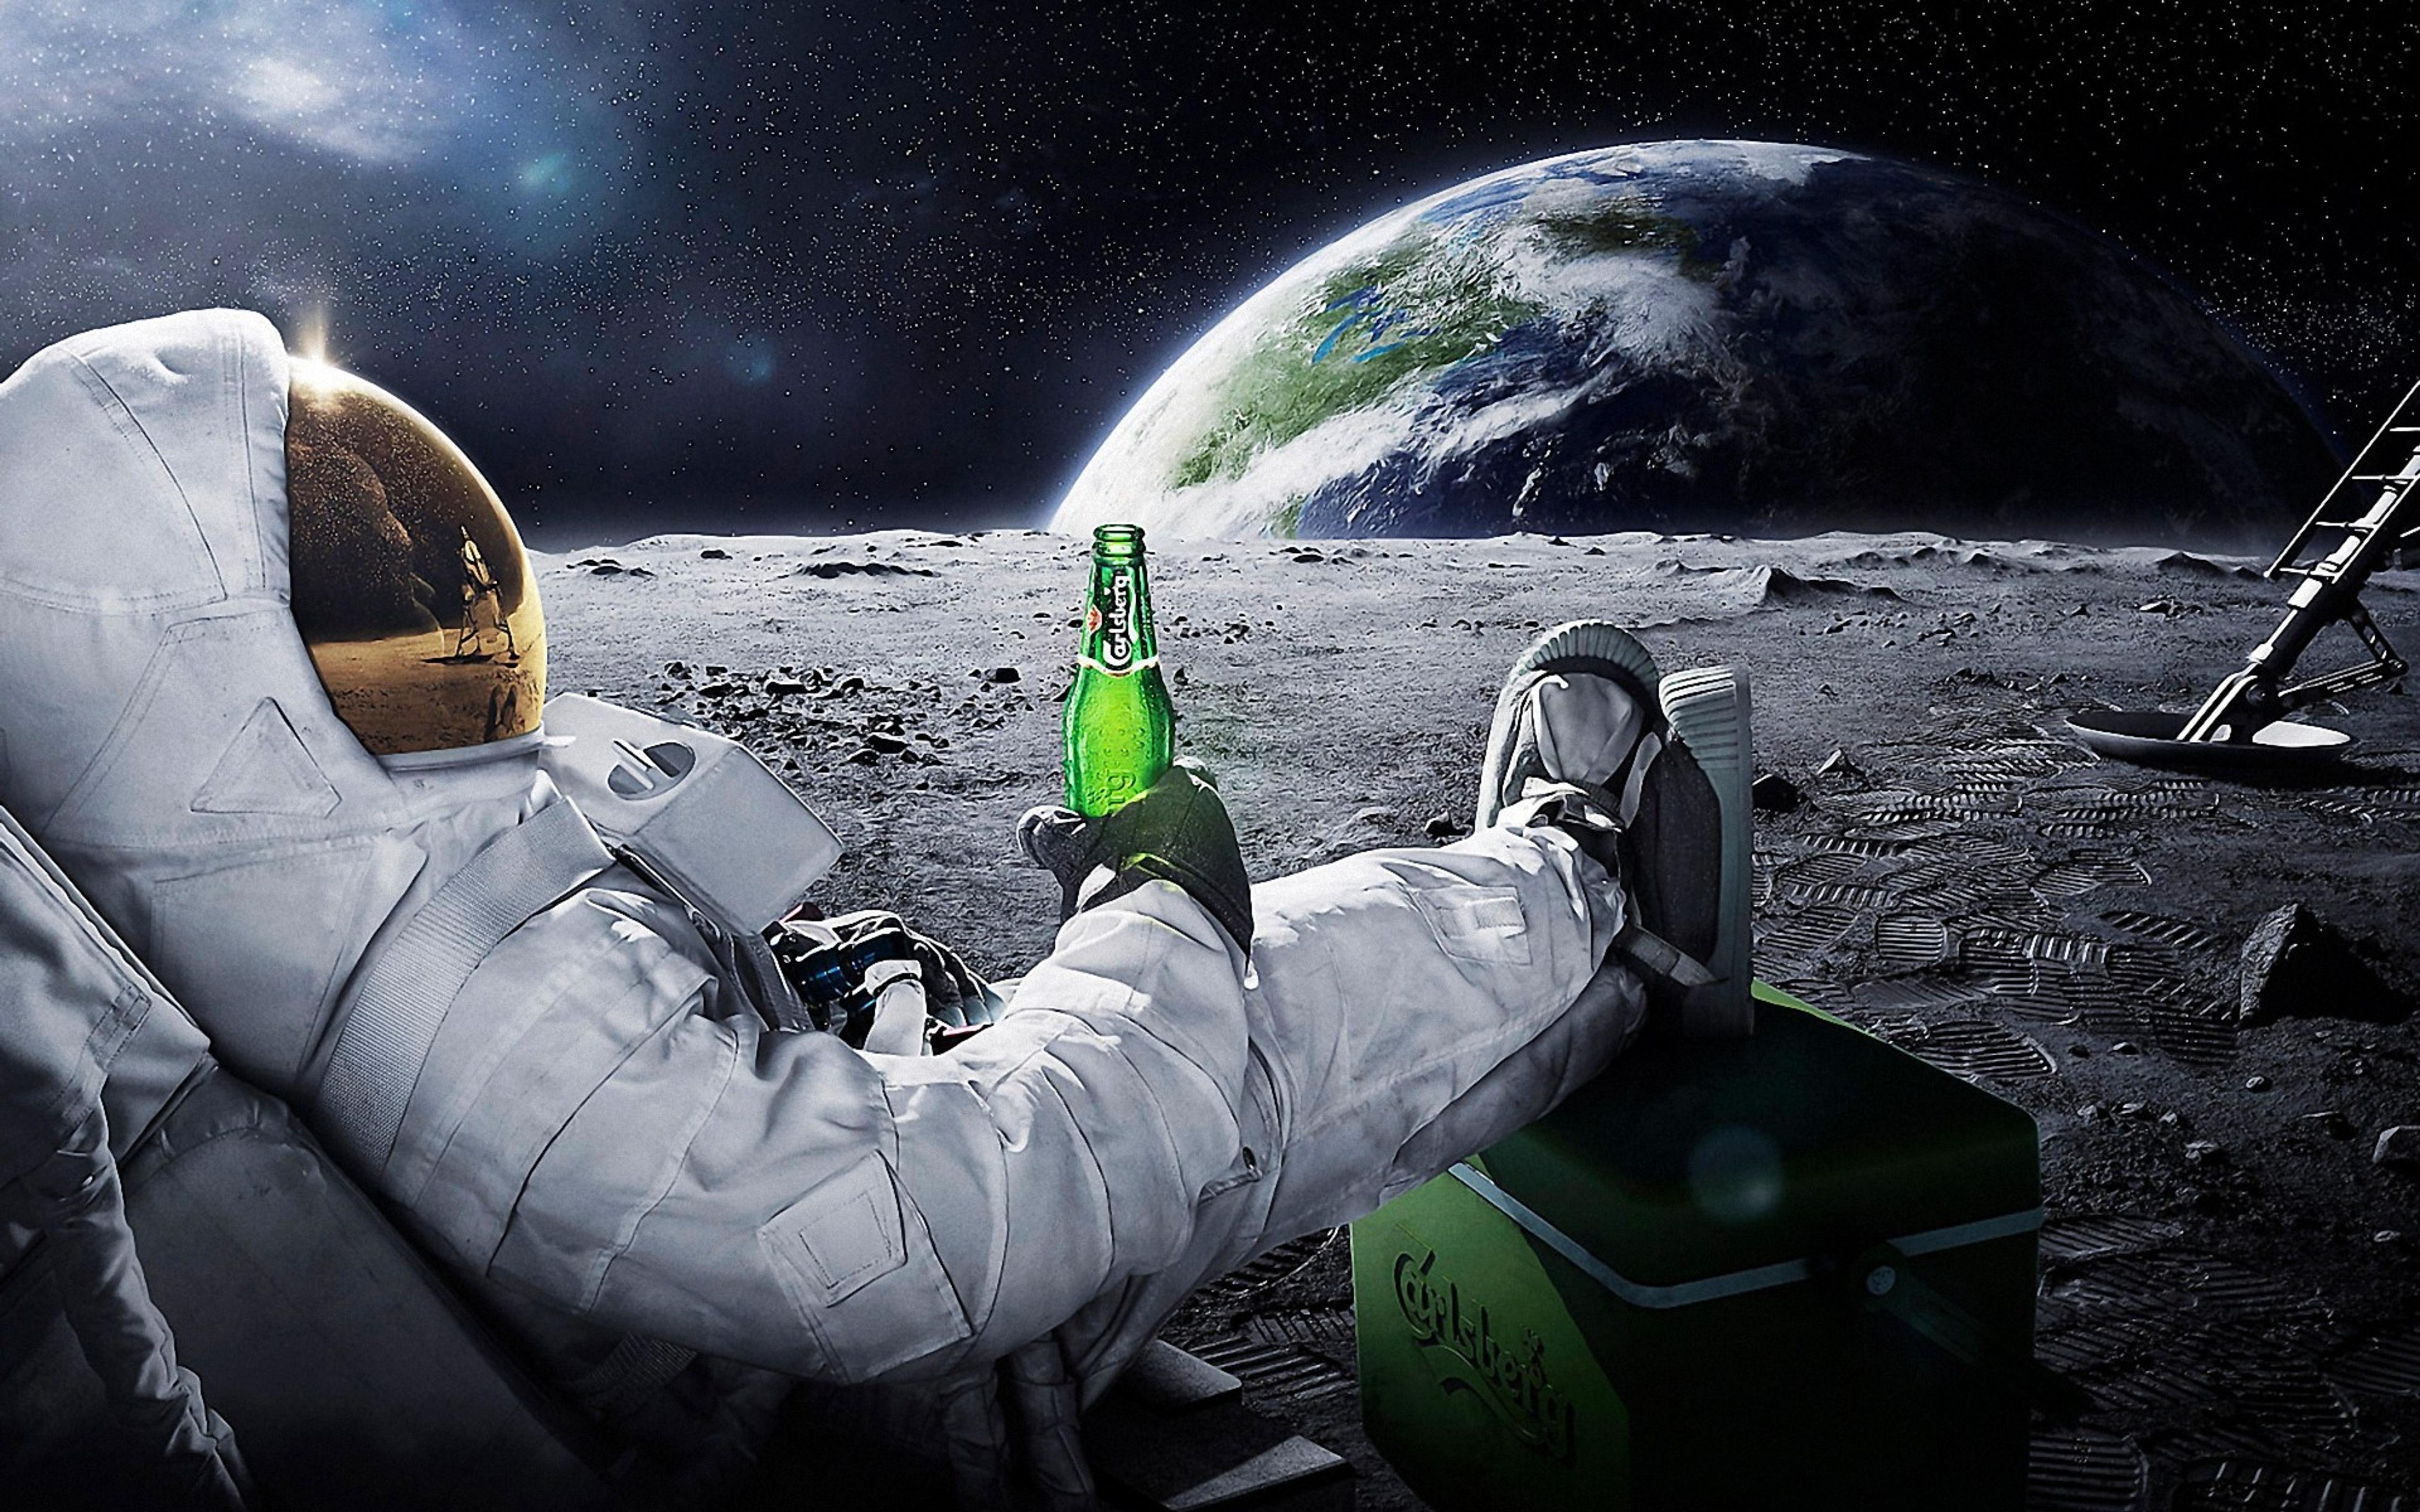 Як я на місяці відпочивав фото 3 фотография